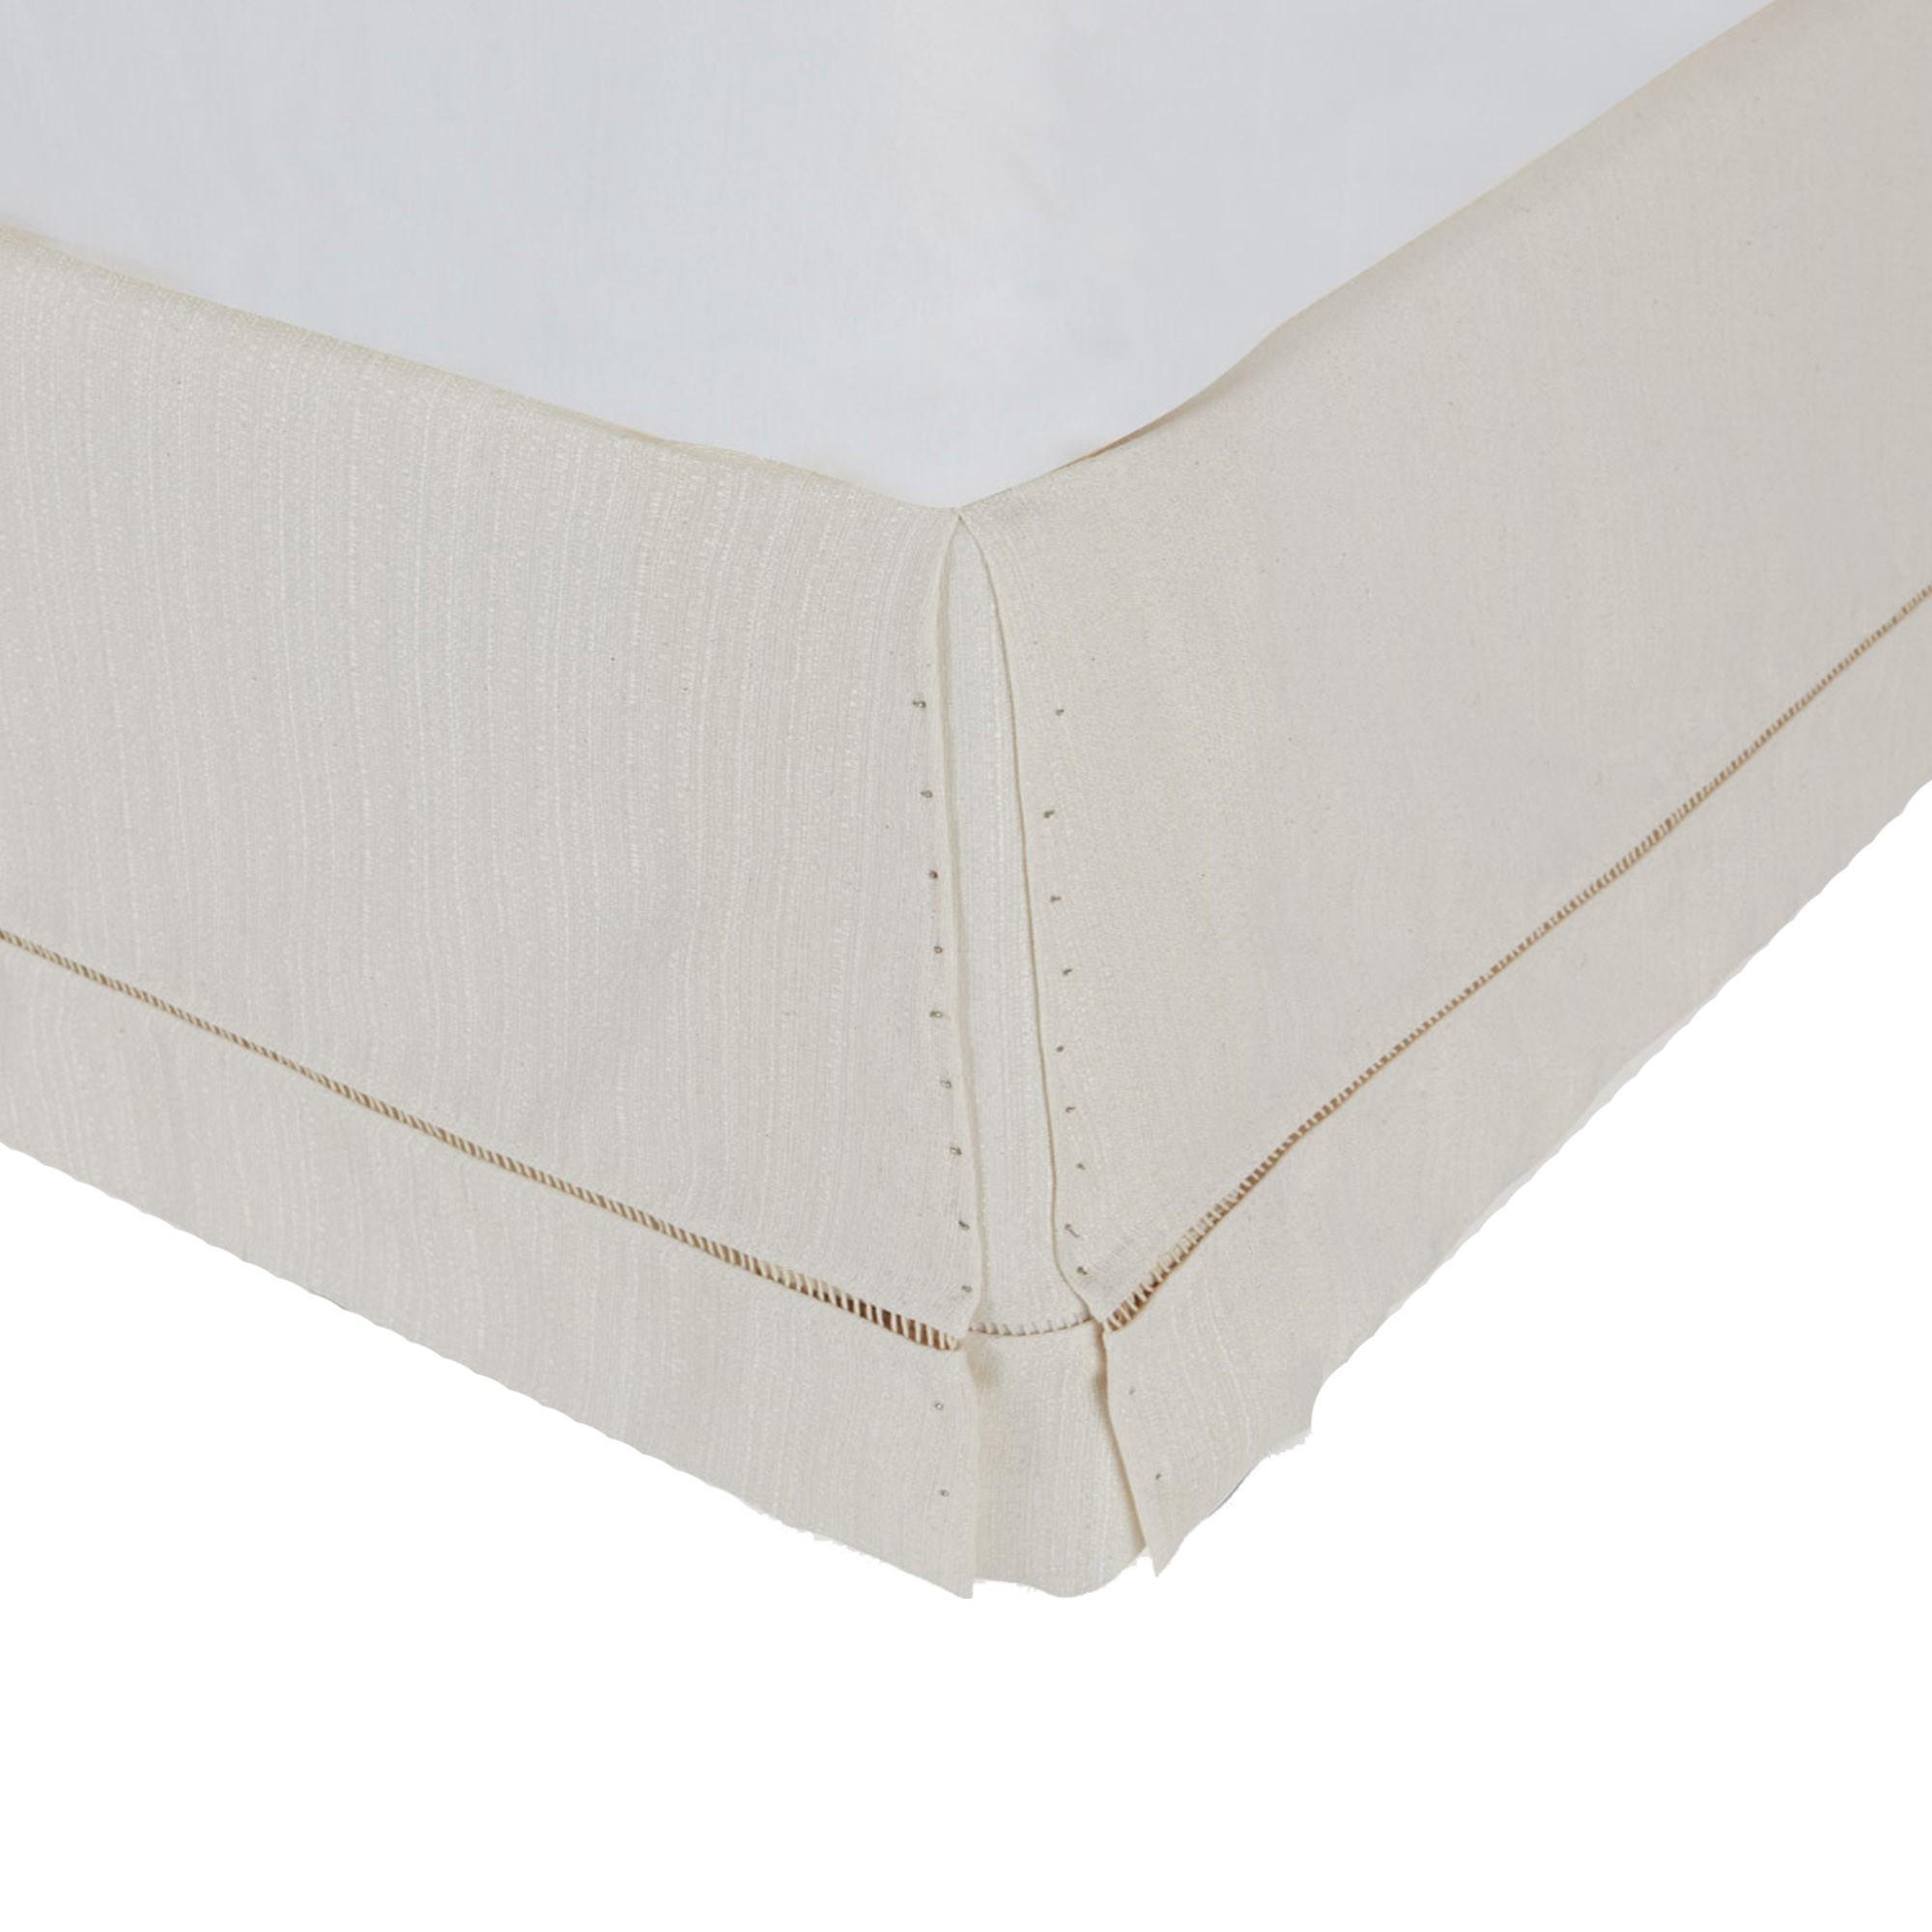 Saia para Cama Box com Ponto Palito Bege [King 193 x 203 cm]